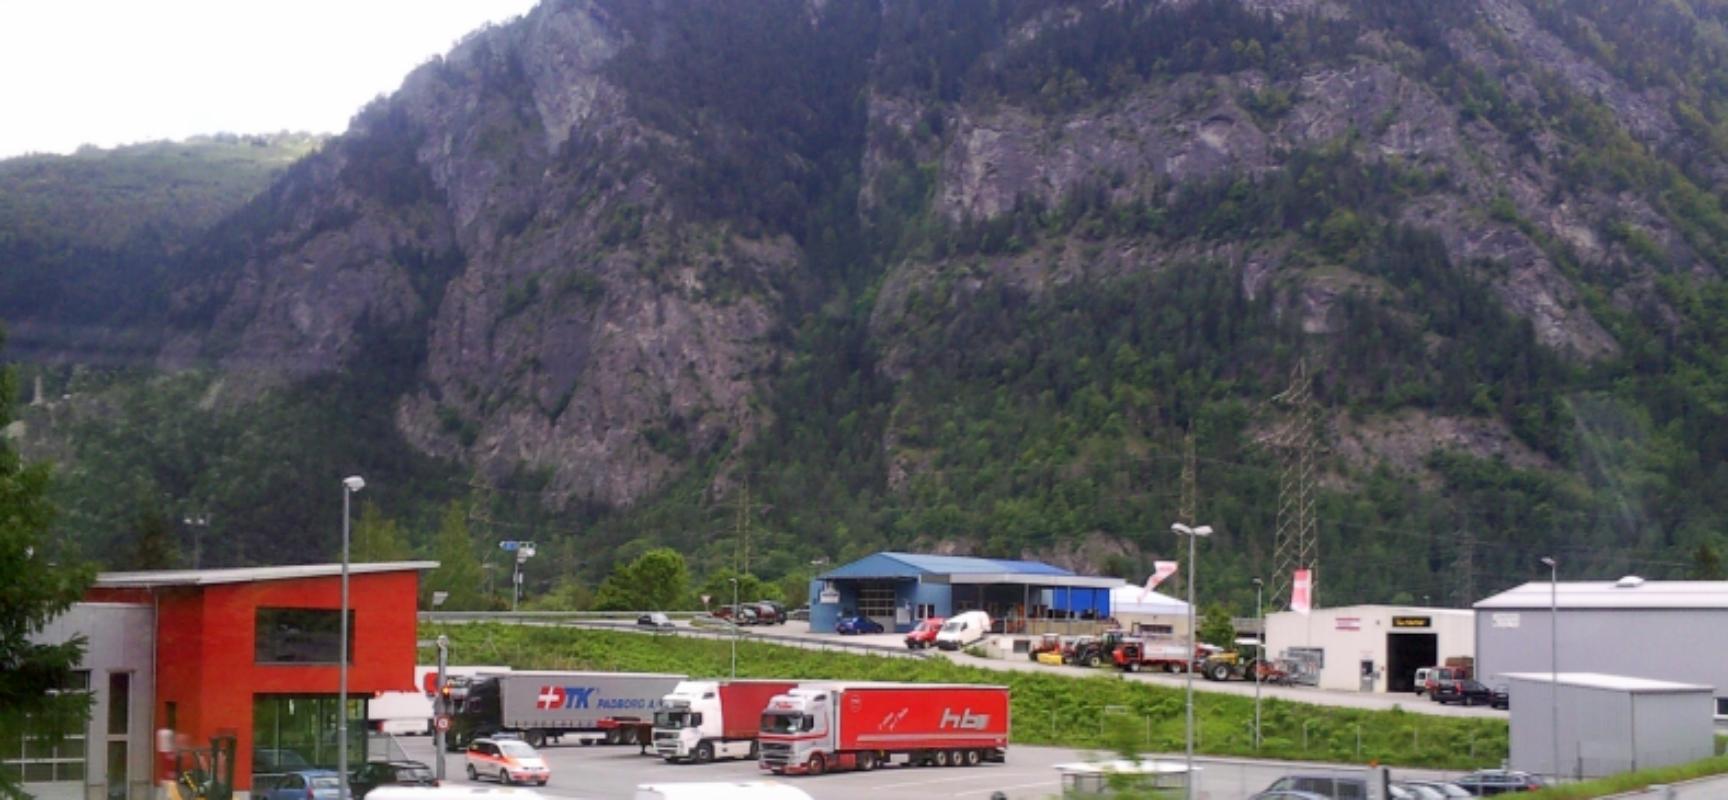 Unterrealta: Lastwagenschofför trotz Ausweisentzug unterwegs